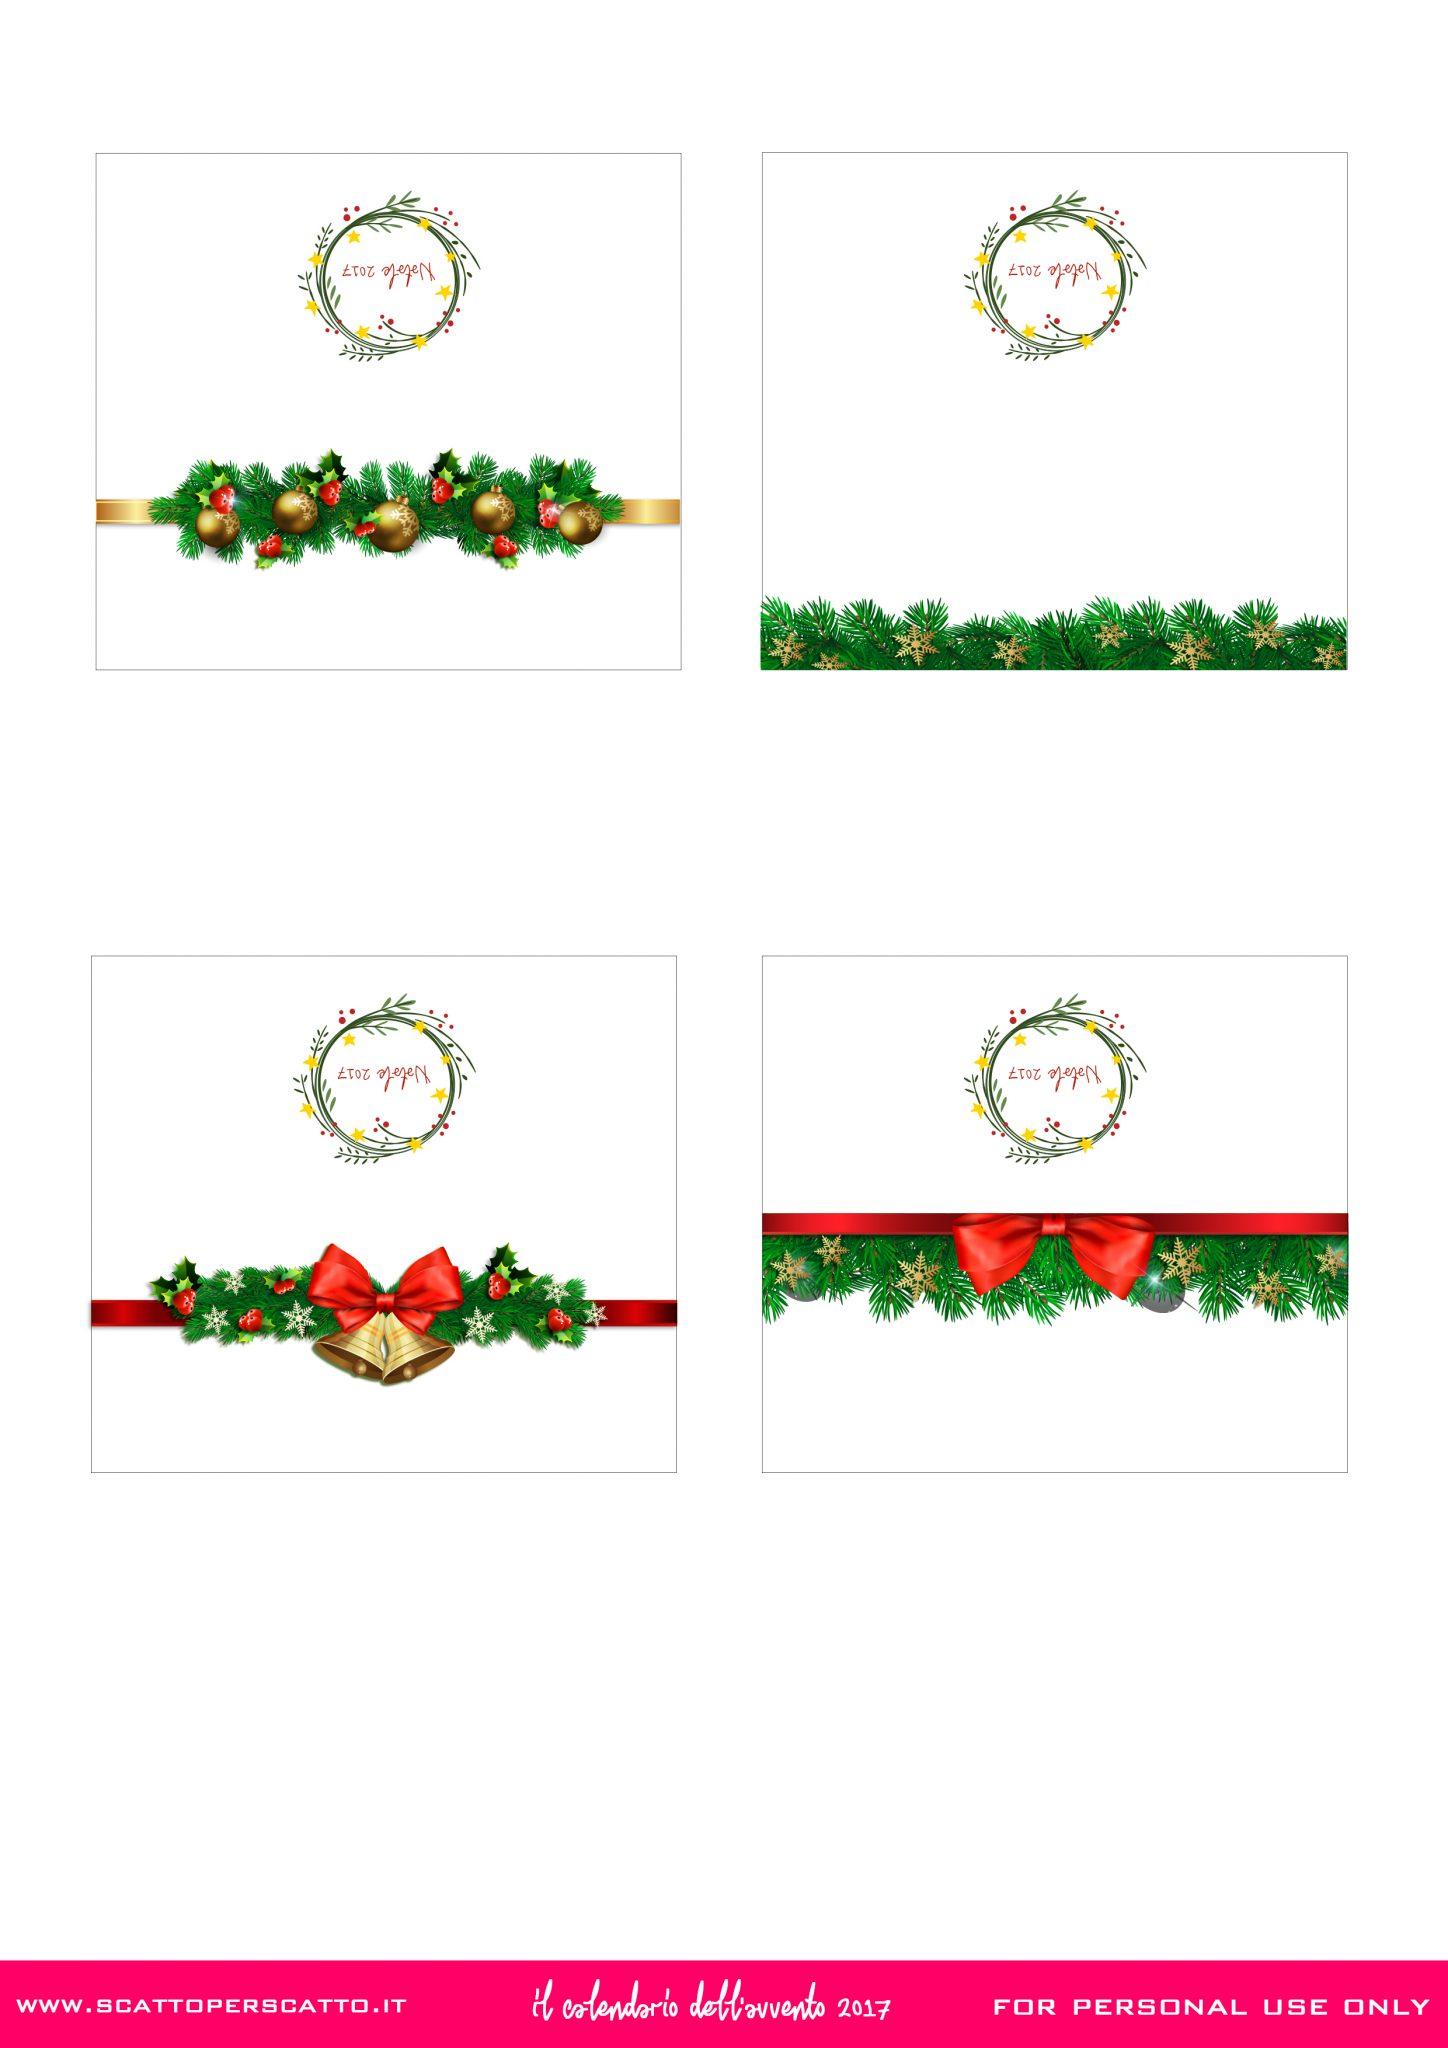 Segnaposto Con Nome Da Stampare segnaposto natalizi - calendario dell'avvento - scatto per